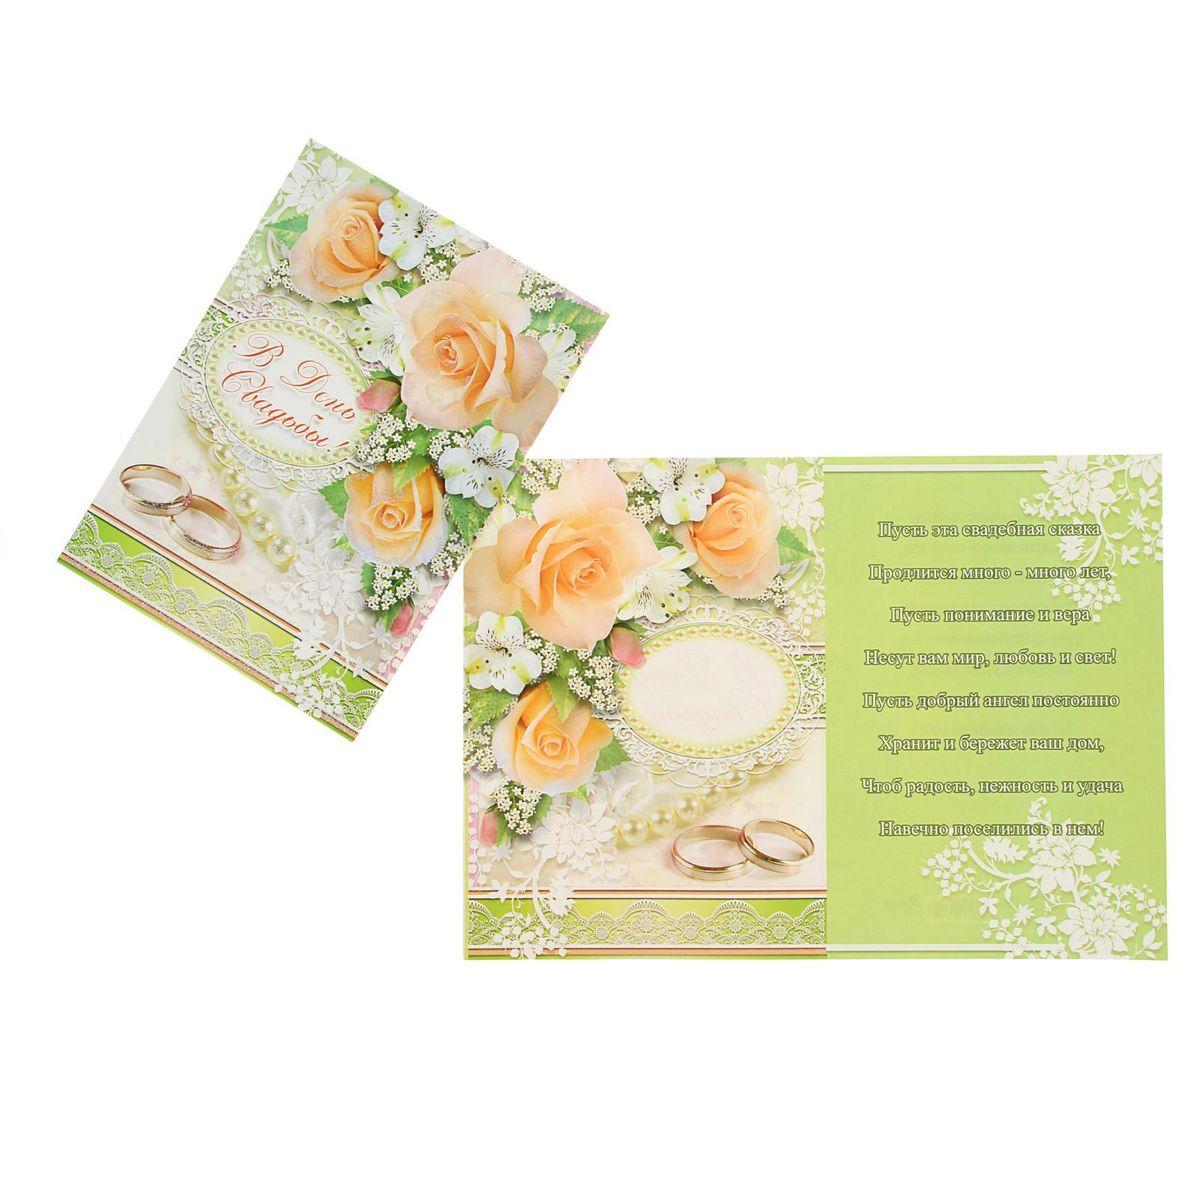 """Если вы хотите порадовать себя или близких, создать праздничное настроение и с улыбкой провести памятный день, то вы, несомненно, сделали правильный выбор! Открытка Sima-land """"В день свадьбы! Розы и кольца"""", выполненная из плотной бумаги, отличается не только оригинальным дизайном, но и высоким качеством.  Лицевая сторона изделия оформлена ярким изображением. Внутри открытка содержит текст с поздравлением.  Такая открытка непременно порадует получателя и станет отличным напоминанием о проведенном вместе времени. Формат открытки: А4.Плотность: 250 г/м2."""